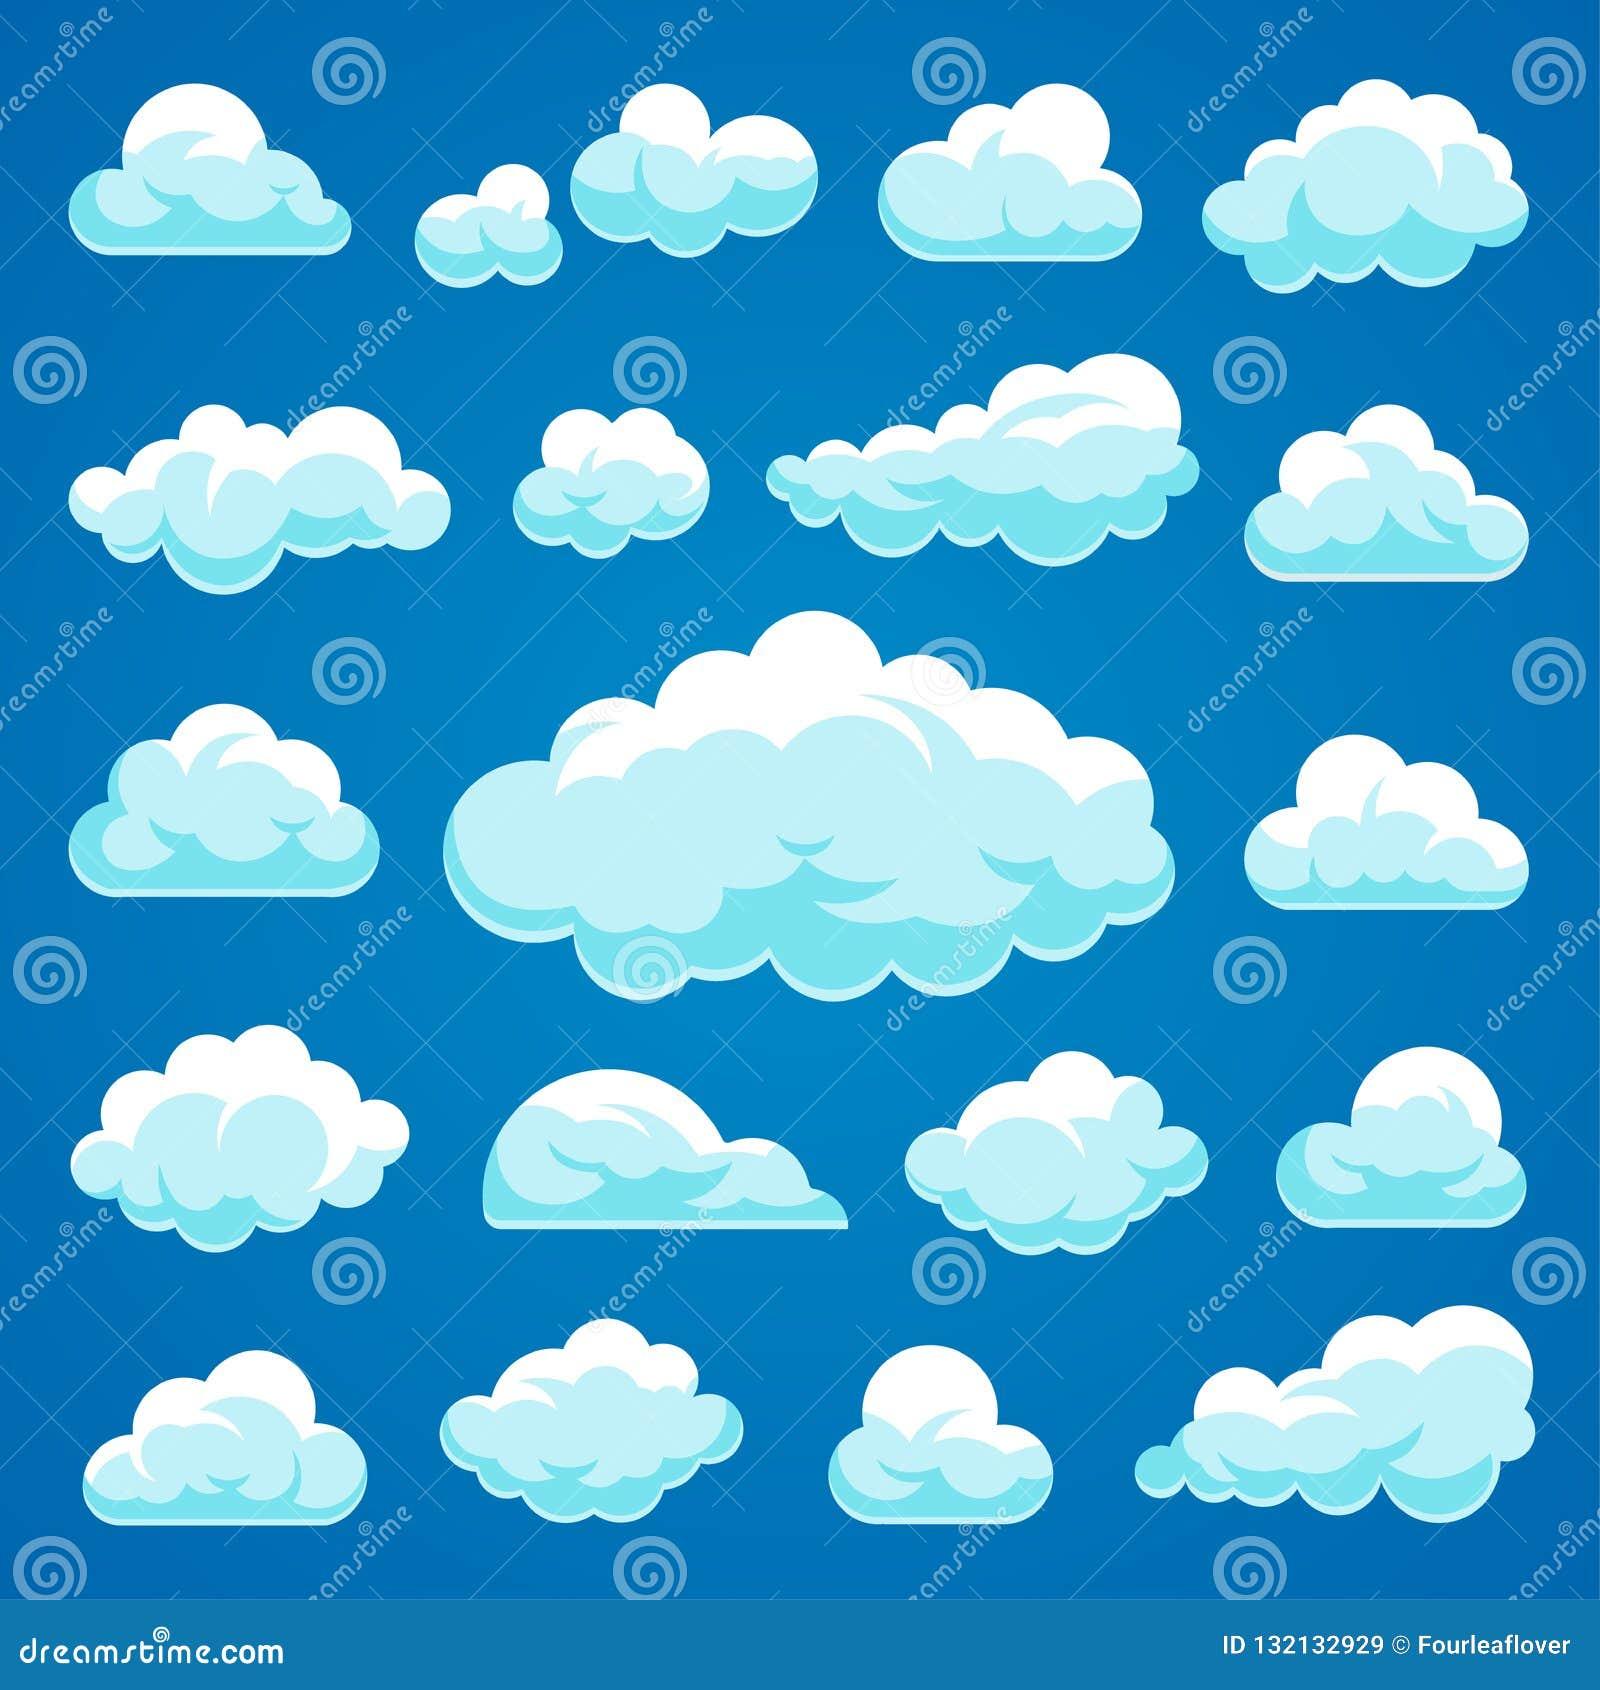 Διανυσματική συλλογή σύννεφων κινούμενων σχεδίων